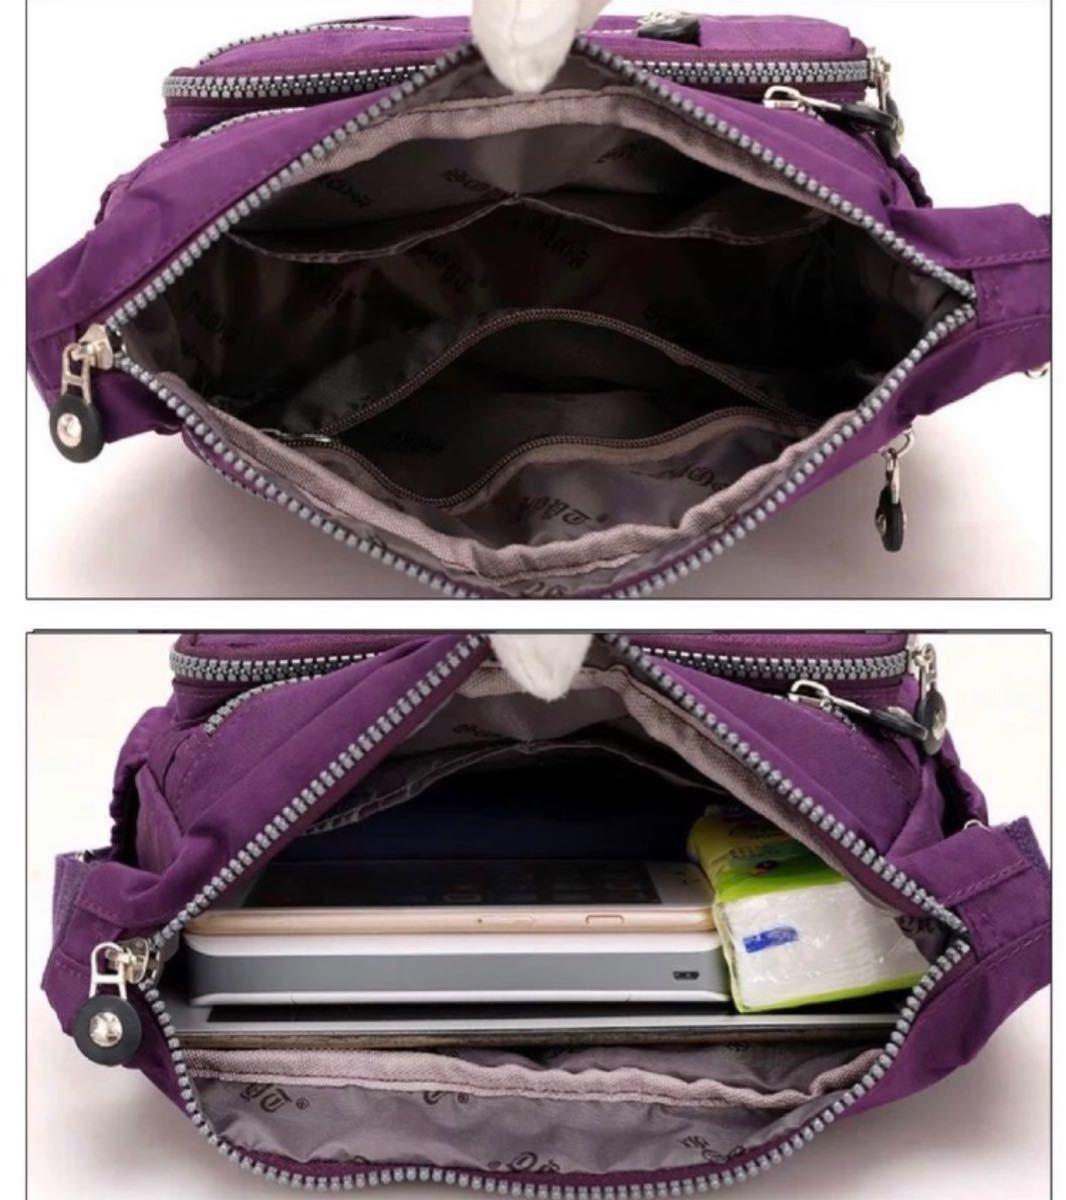 ショルダーバッグ 斜めがけ 軽量 レディースバッグ ボディーバッグ グレー iPad 斜め掛けバッグ ショルダーバッグレディース